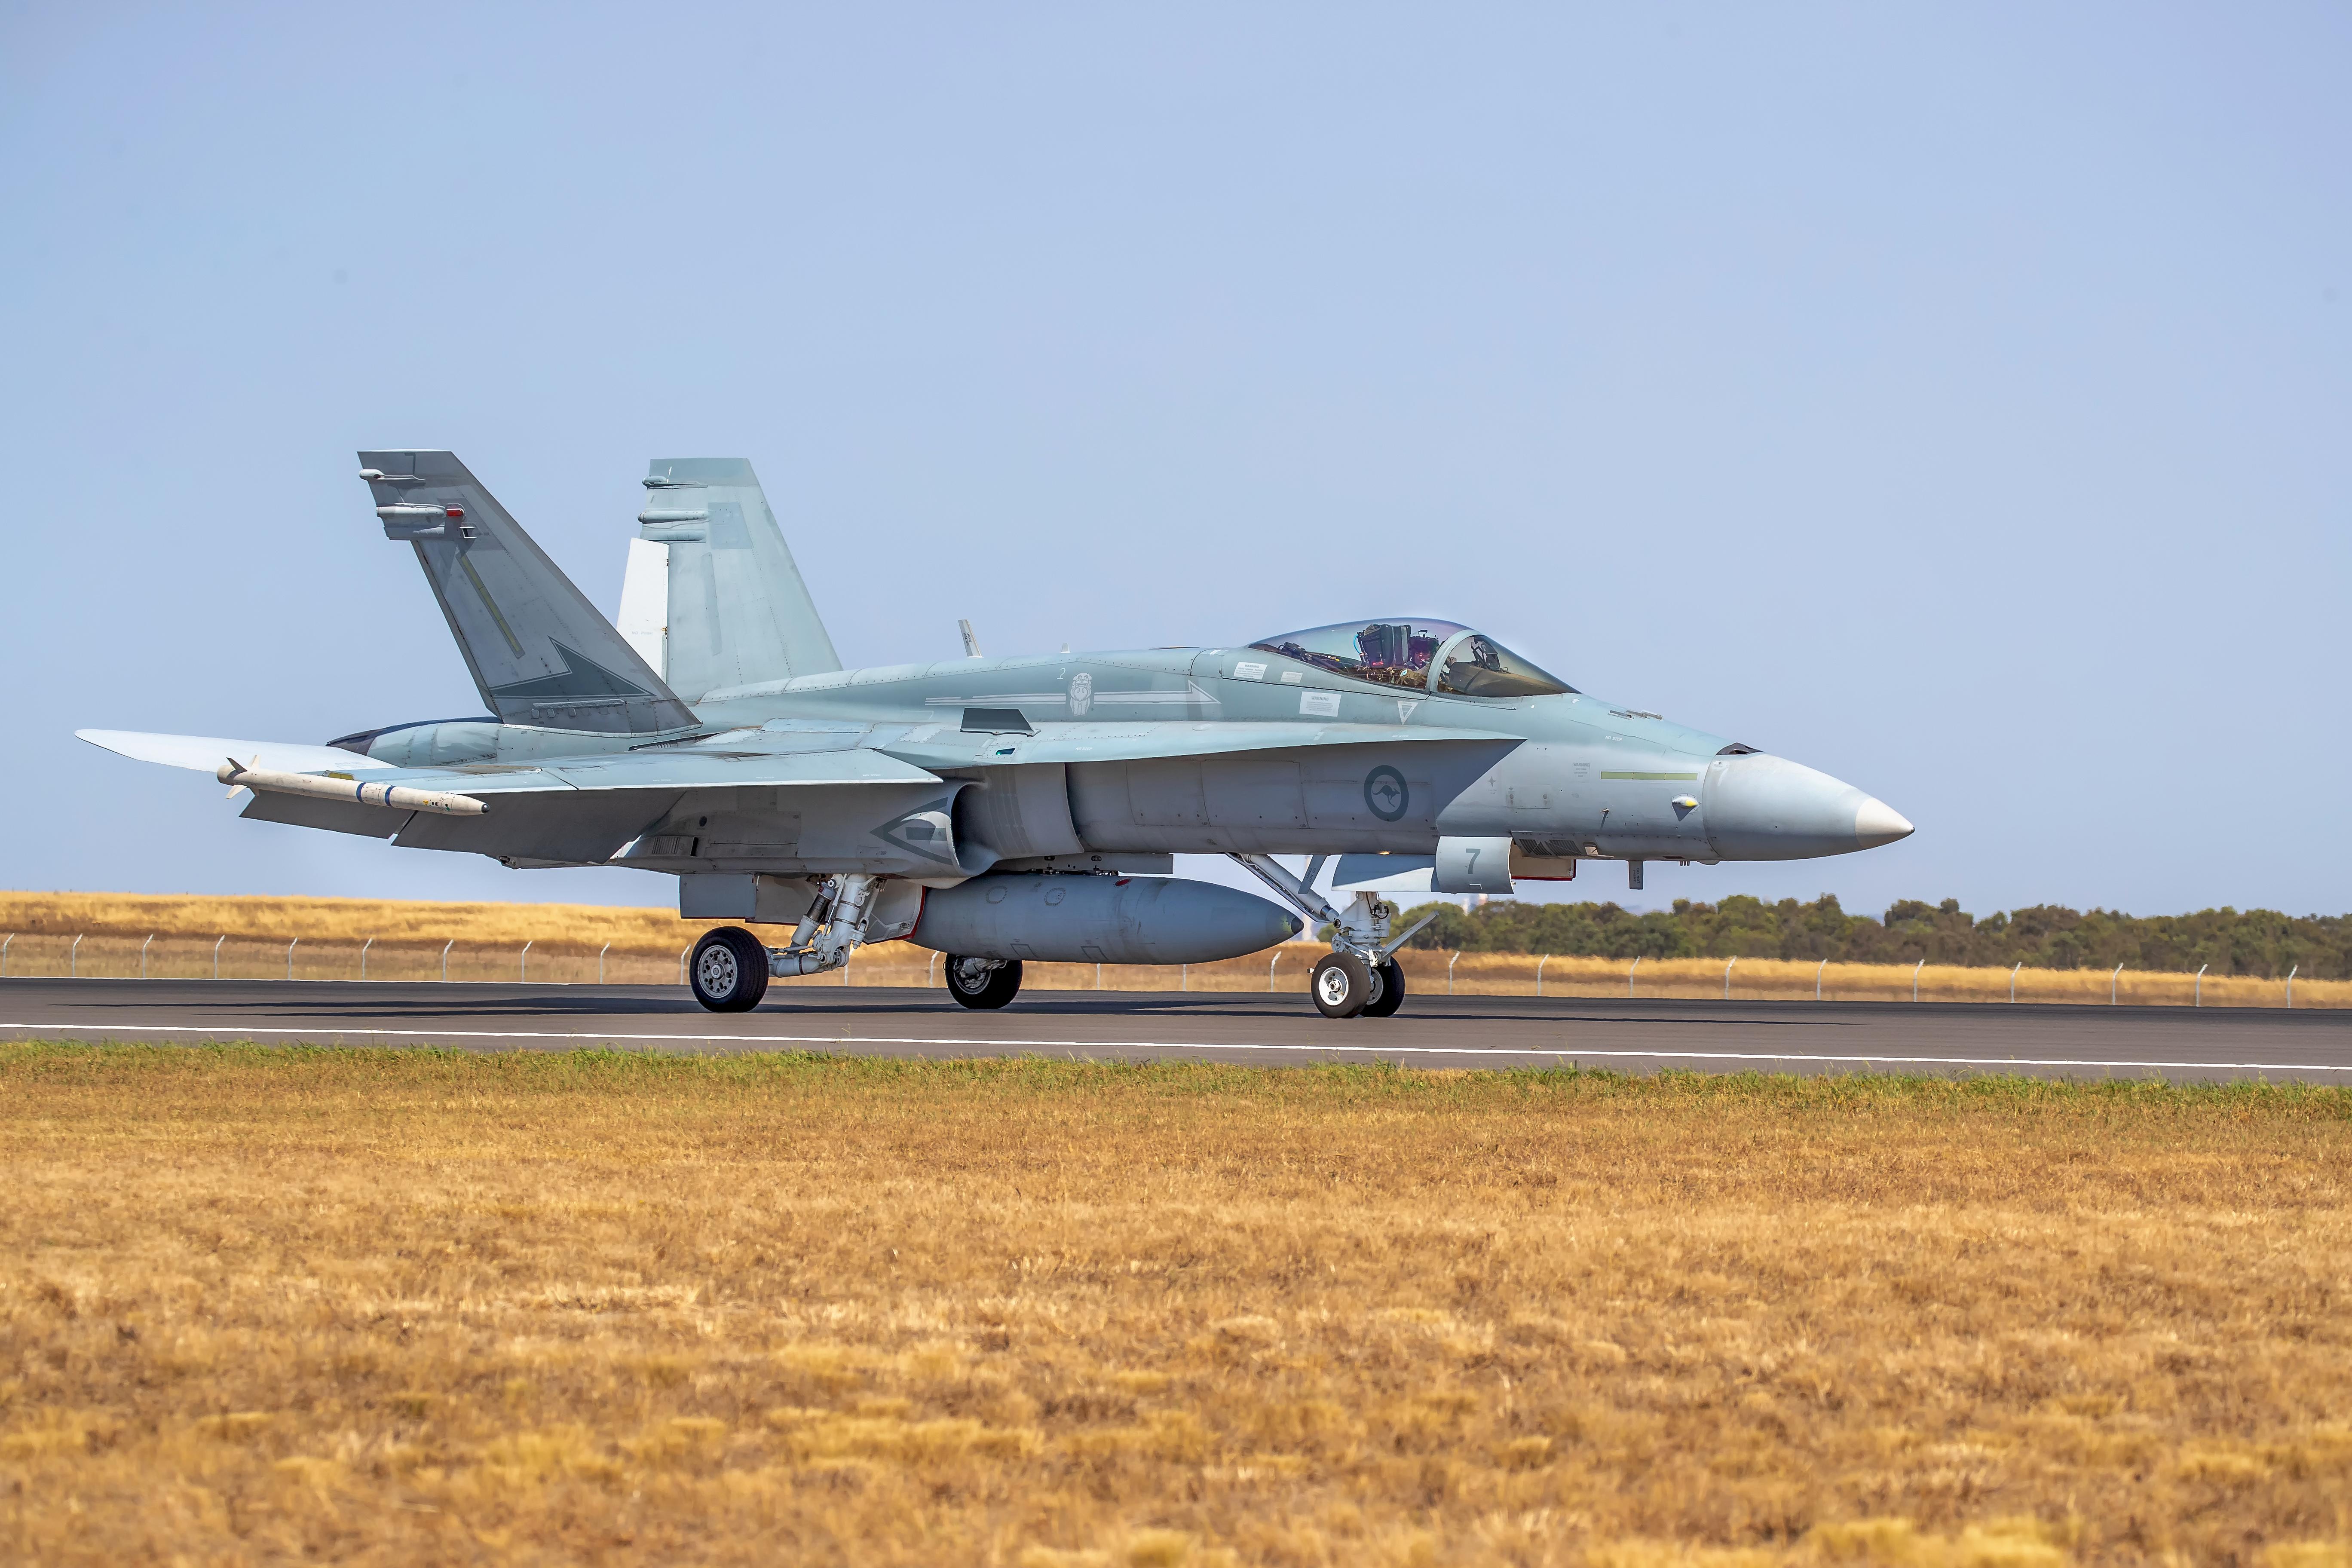 無料画像 : 航空機, 飛行機, 空軍, 車両, 戦闘機, 軍用機, 航空宇宙 ...